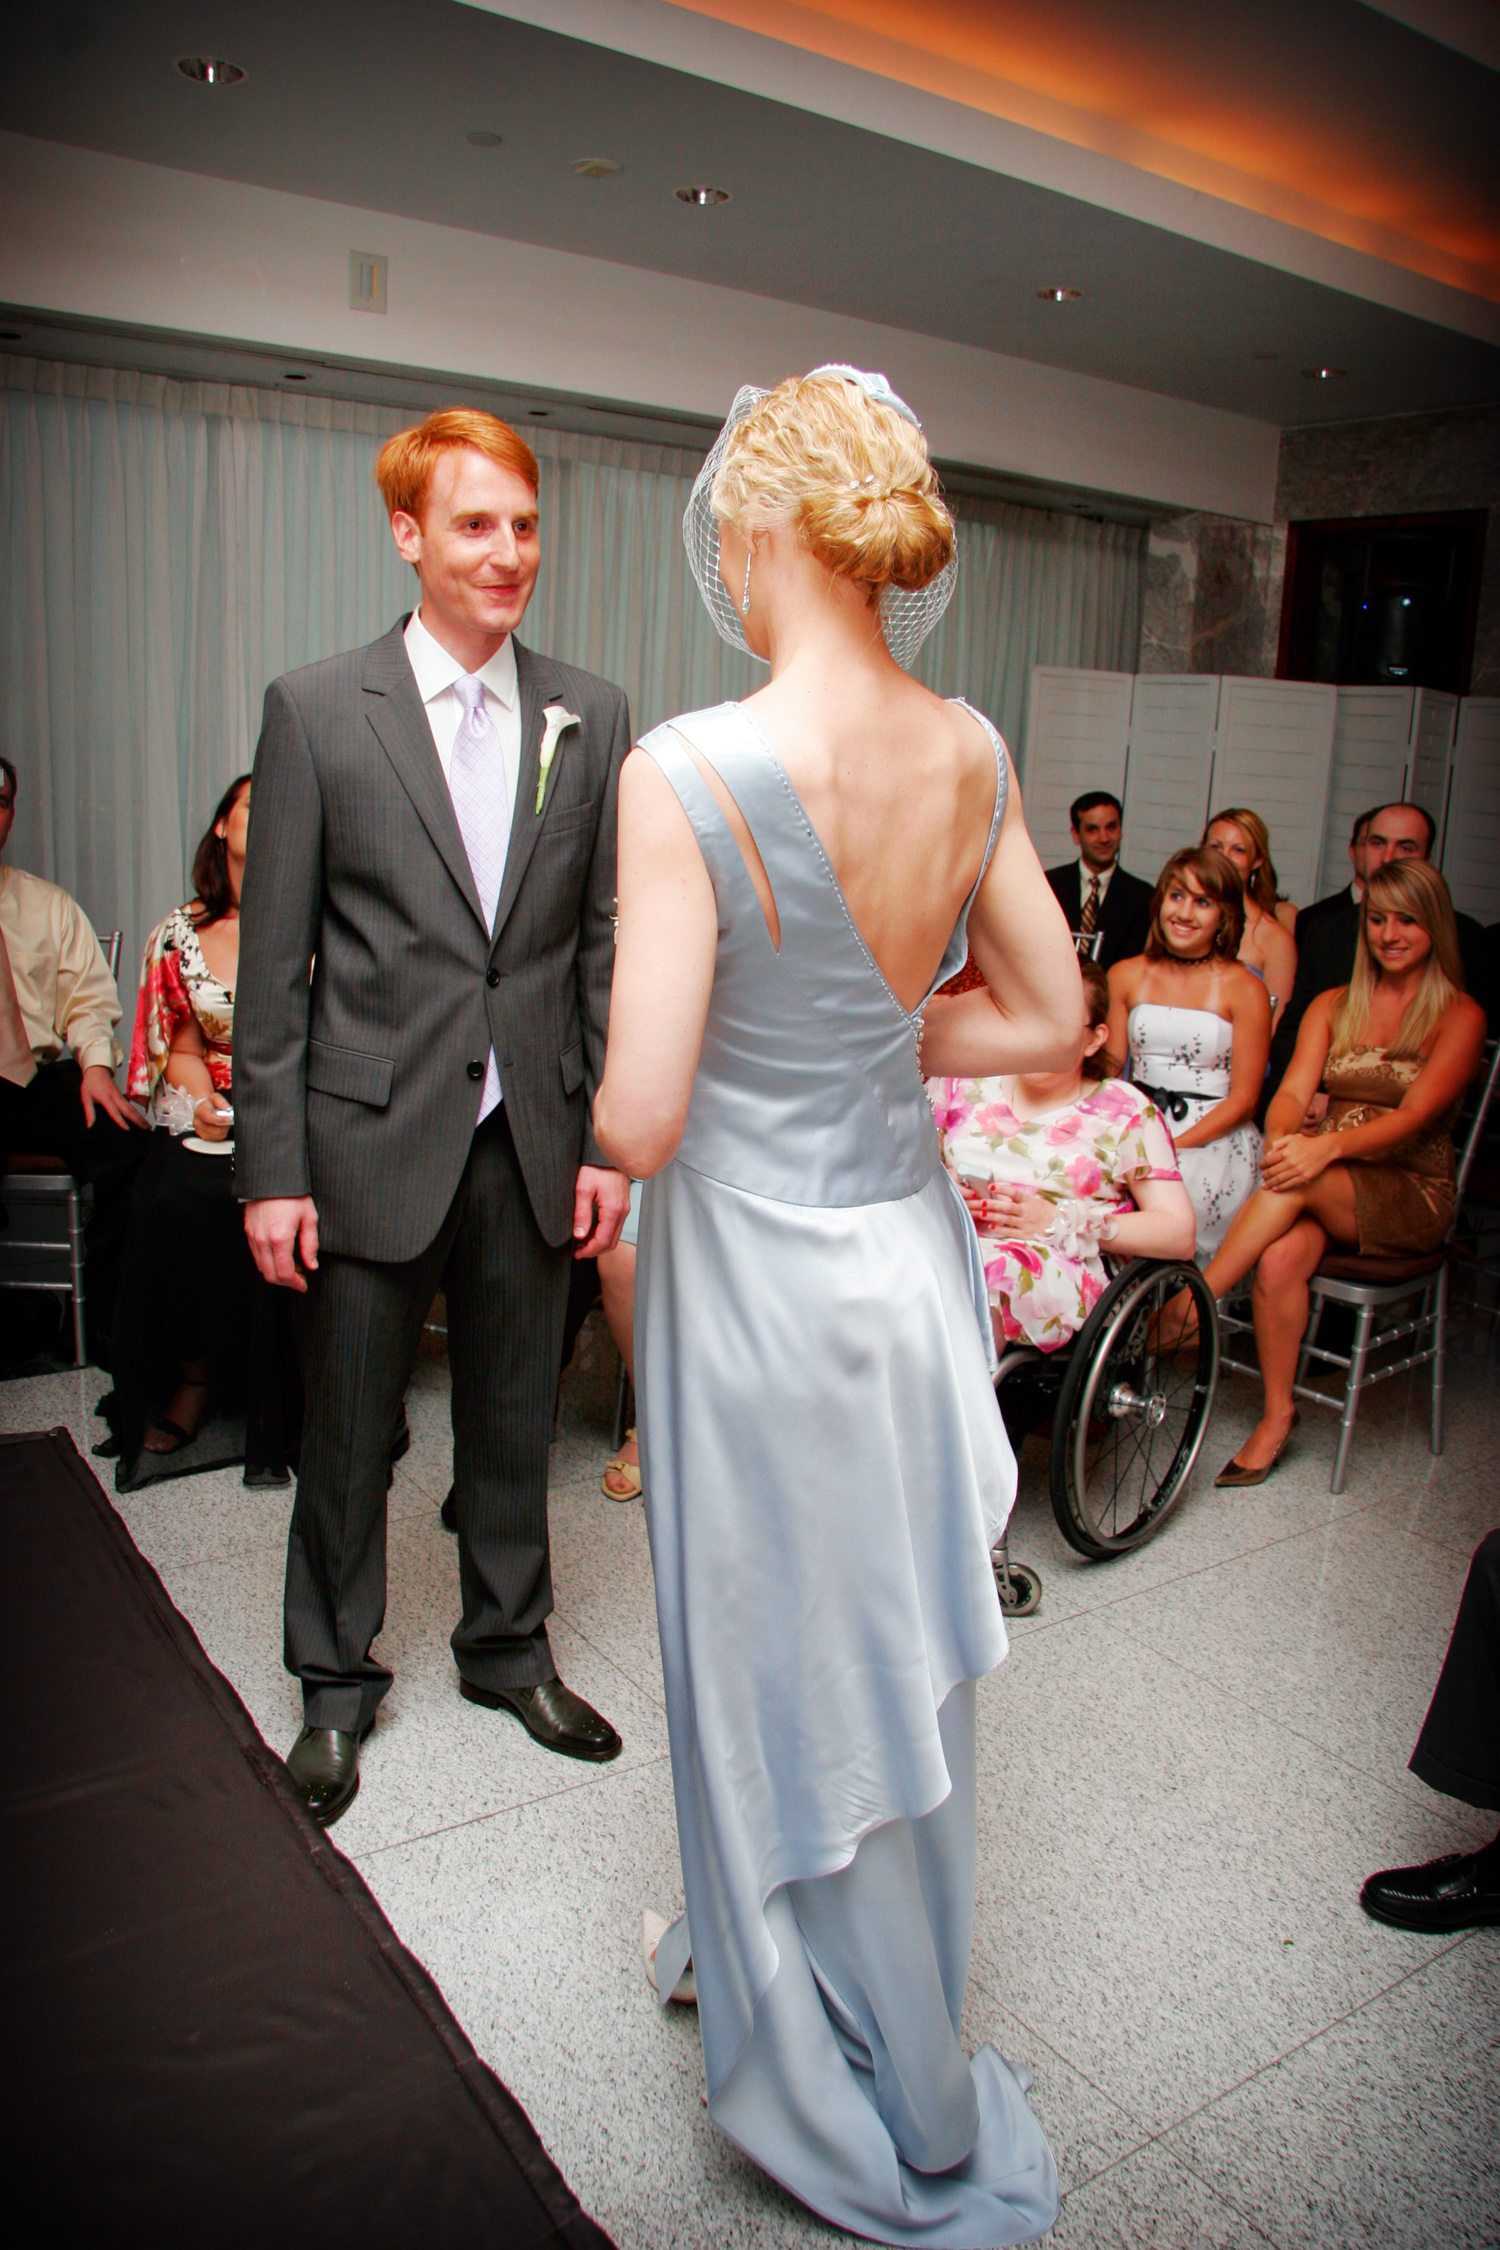 SoHo_New_York_City_Wedding_014.JPG